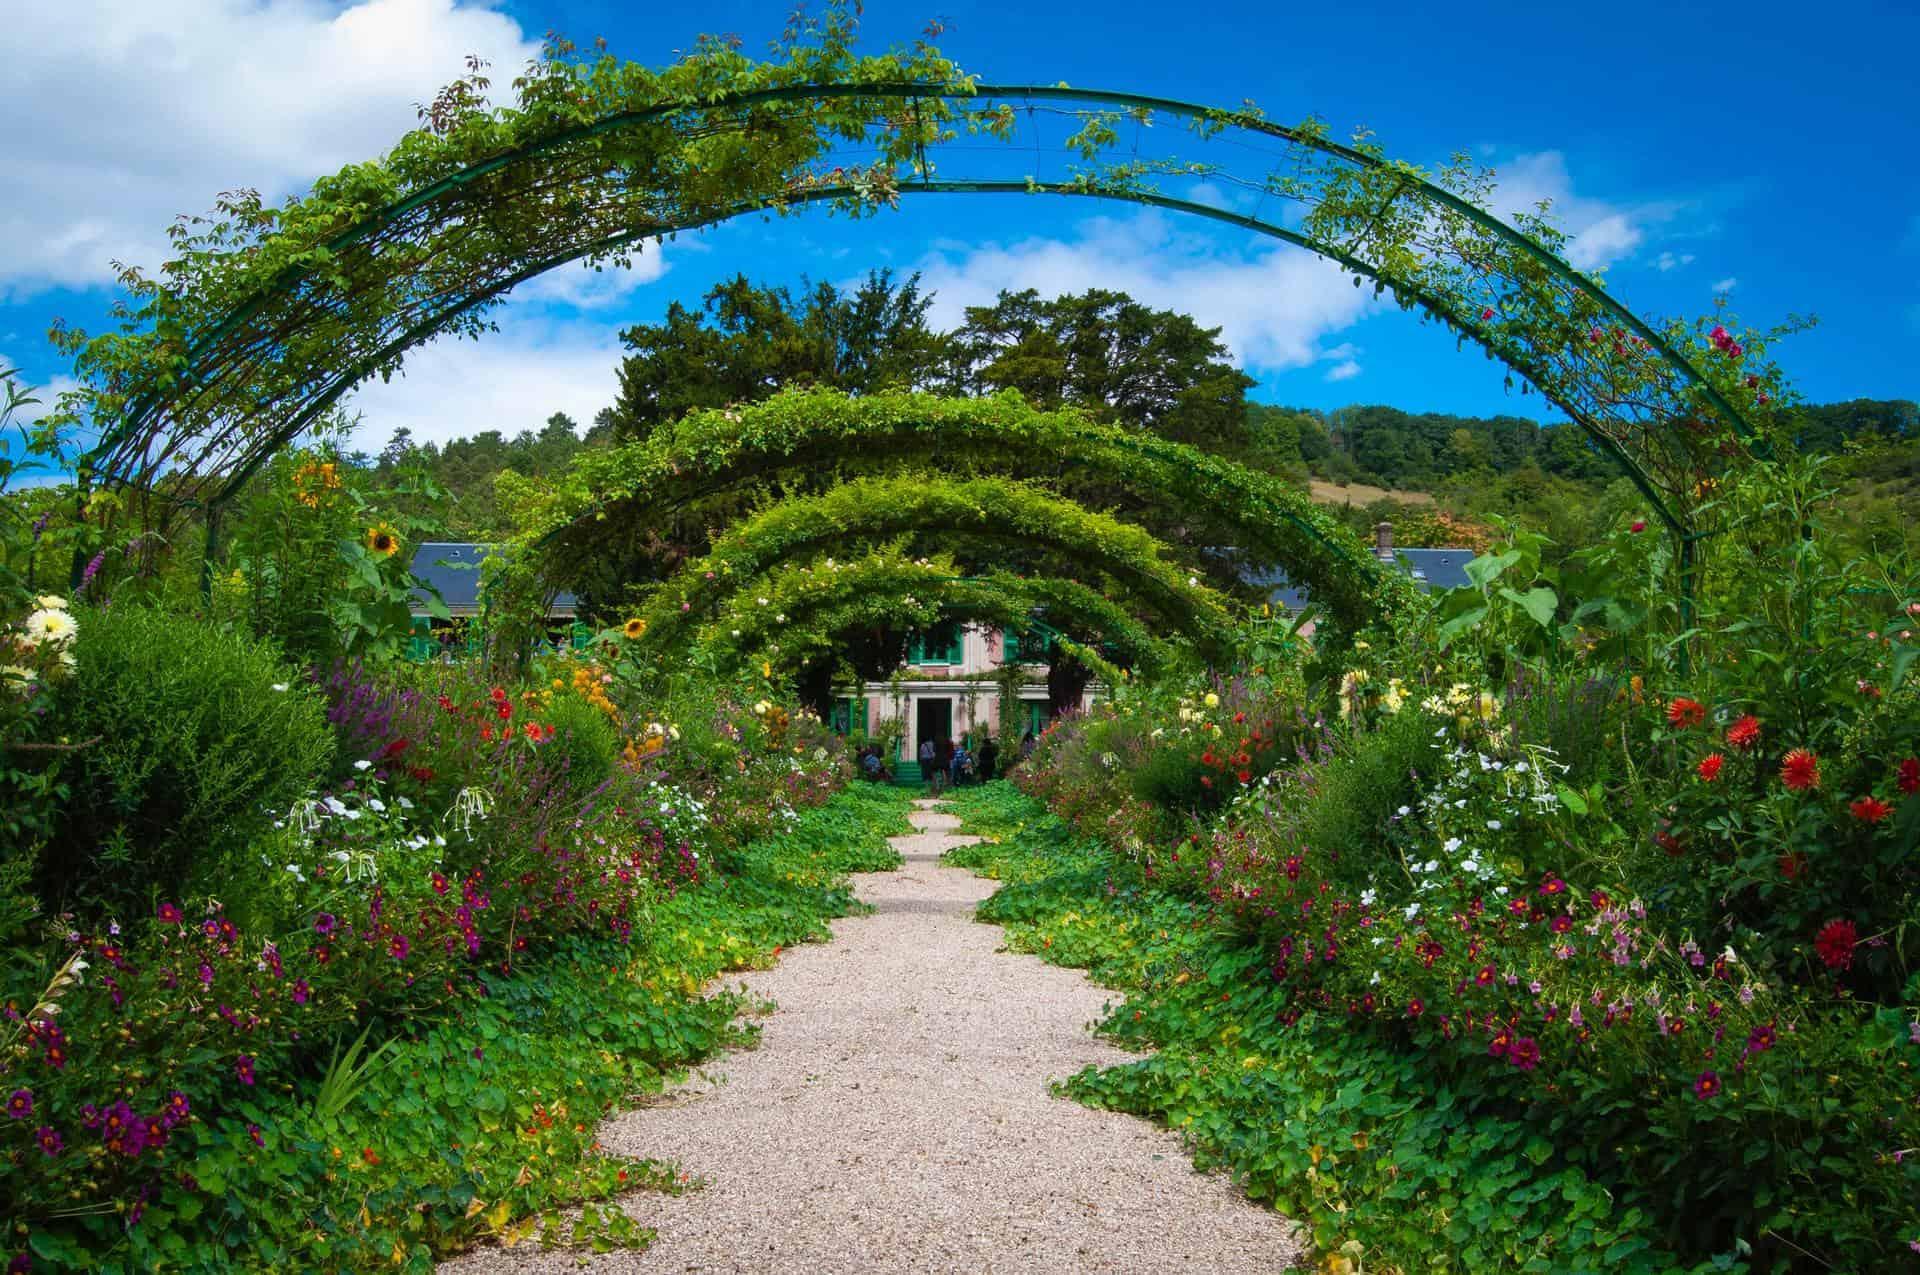 Los Jardines de Monet, en Francia, vuelven a abrir sus puertas al público